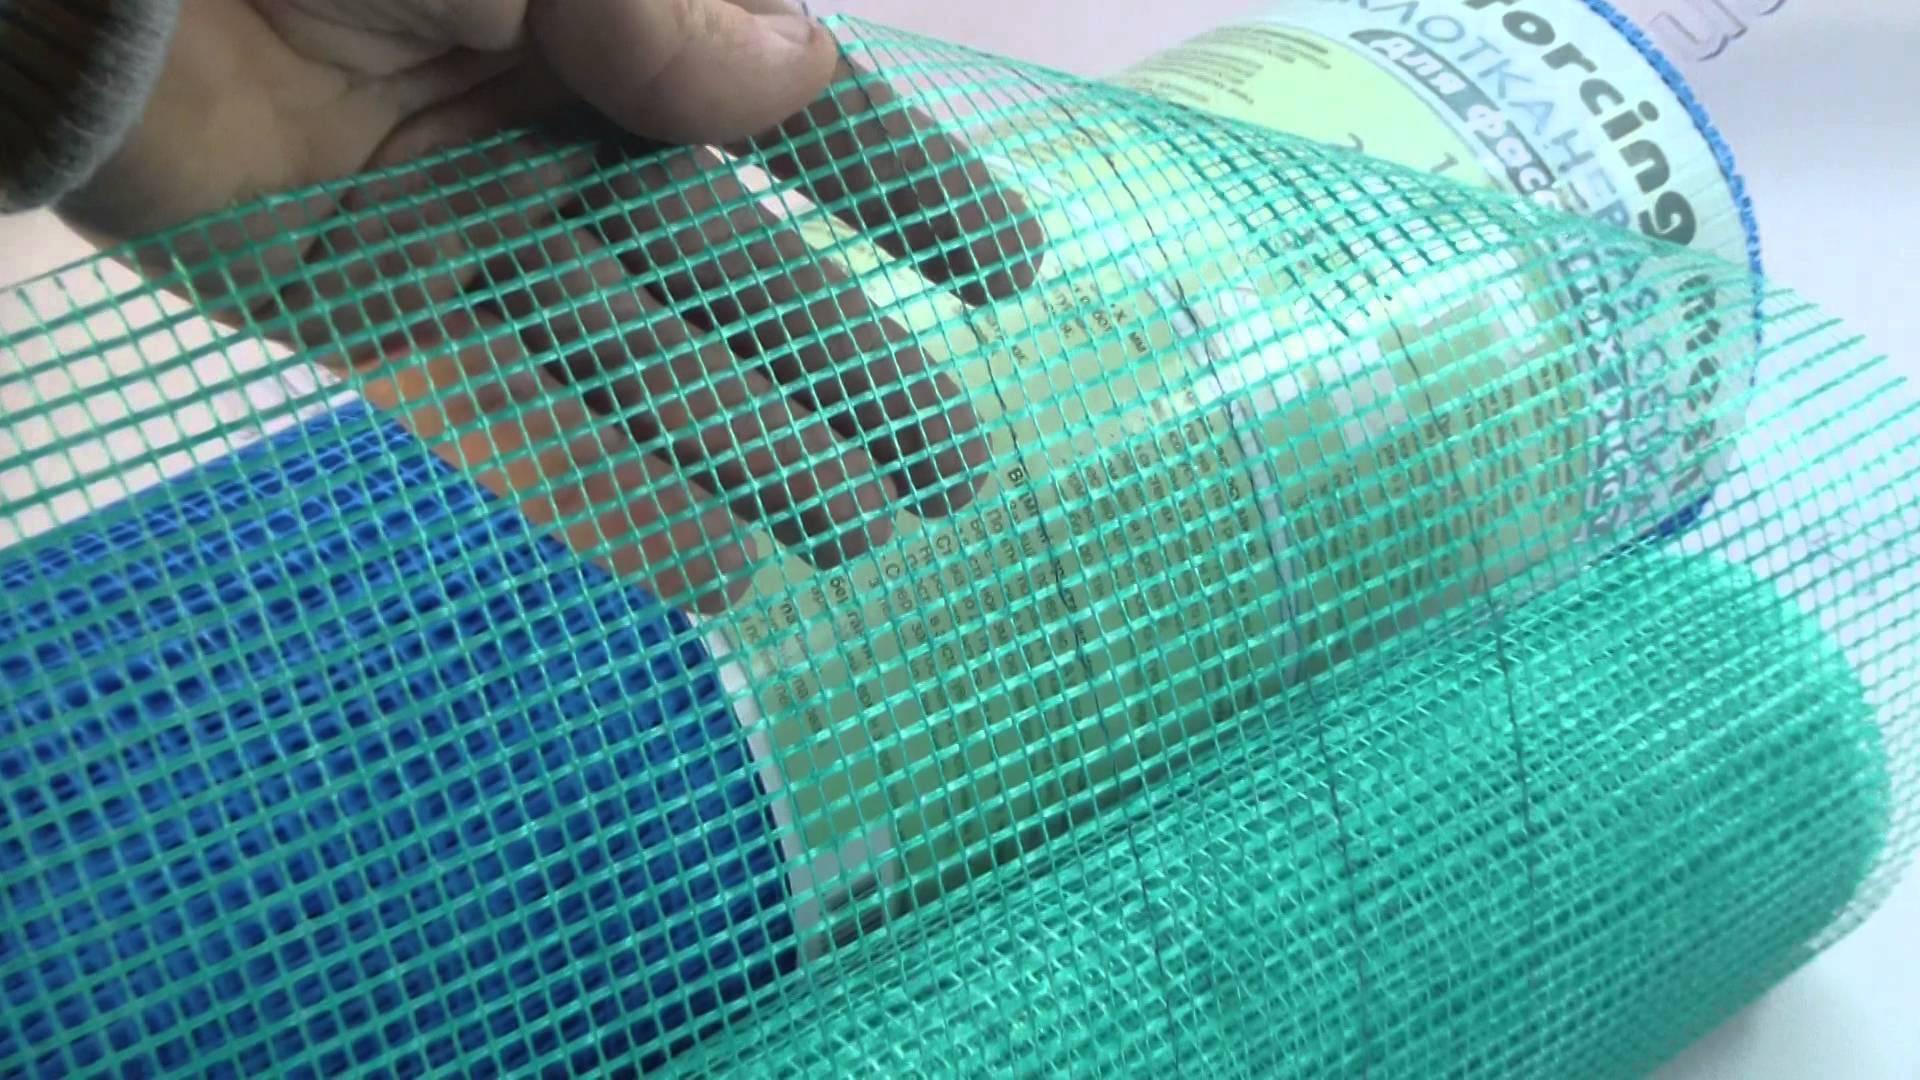 Стеклотканевая штукатурная сетка: расход материалов для штукатурки, стеклотканная продукция